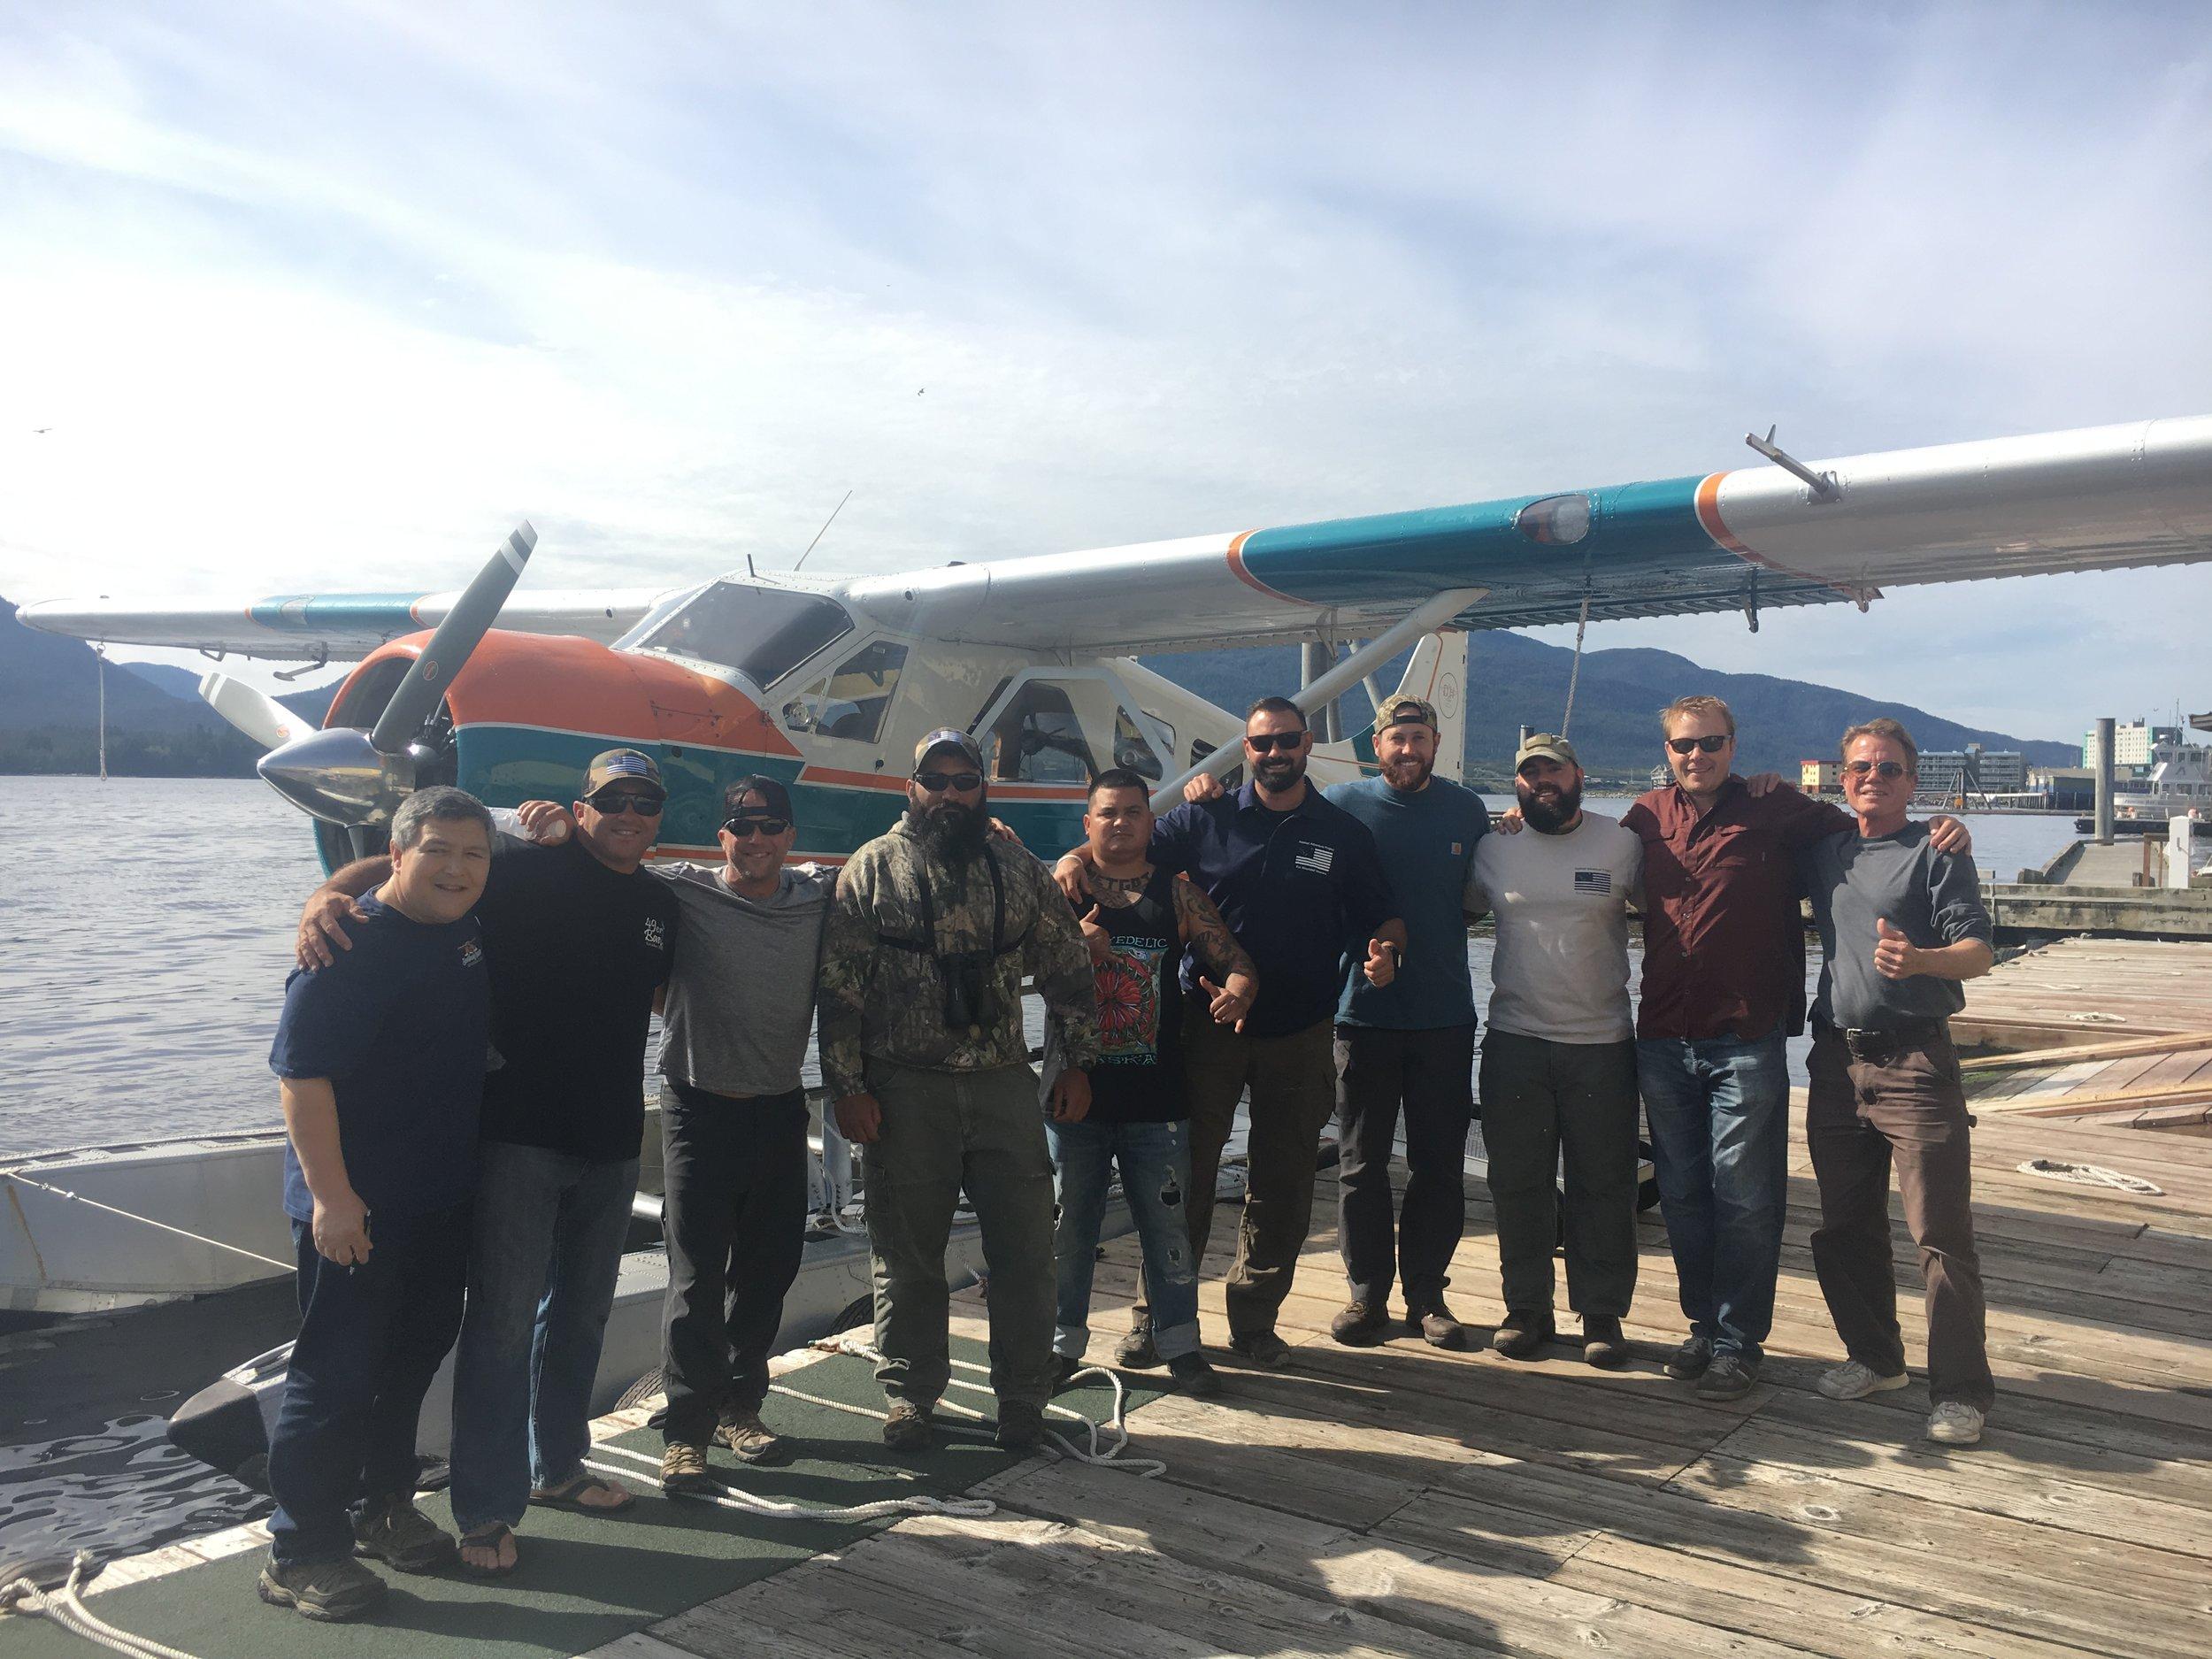 float.plane.group.17.JPG